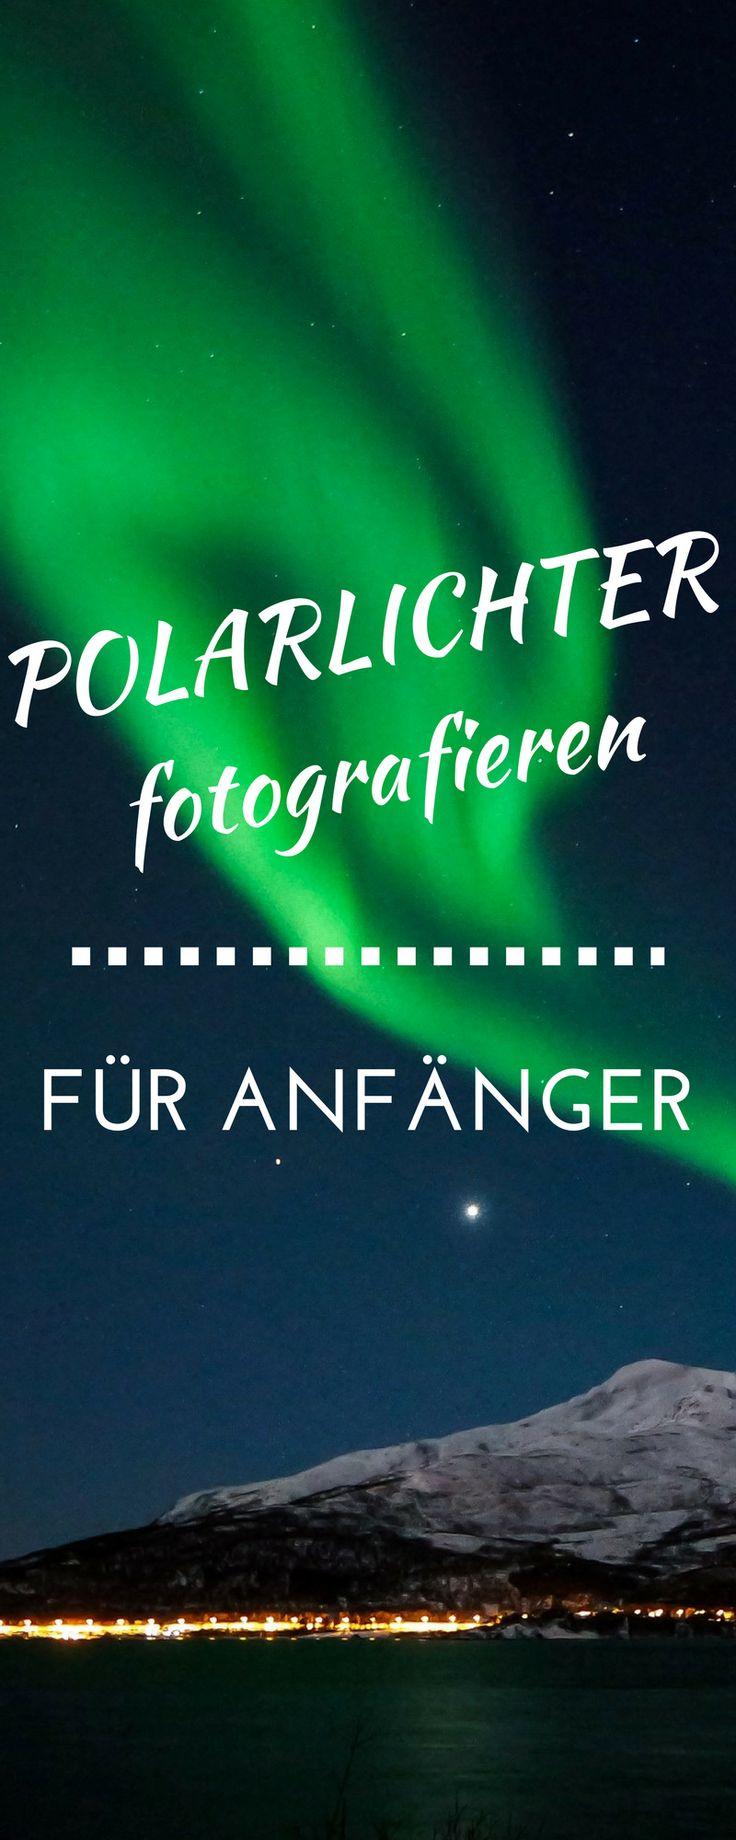 Polarlichter fotografieren für Anfänger: In 5 Schritten zum perfekten Nordlicht Foto